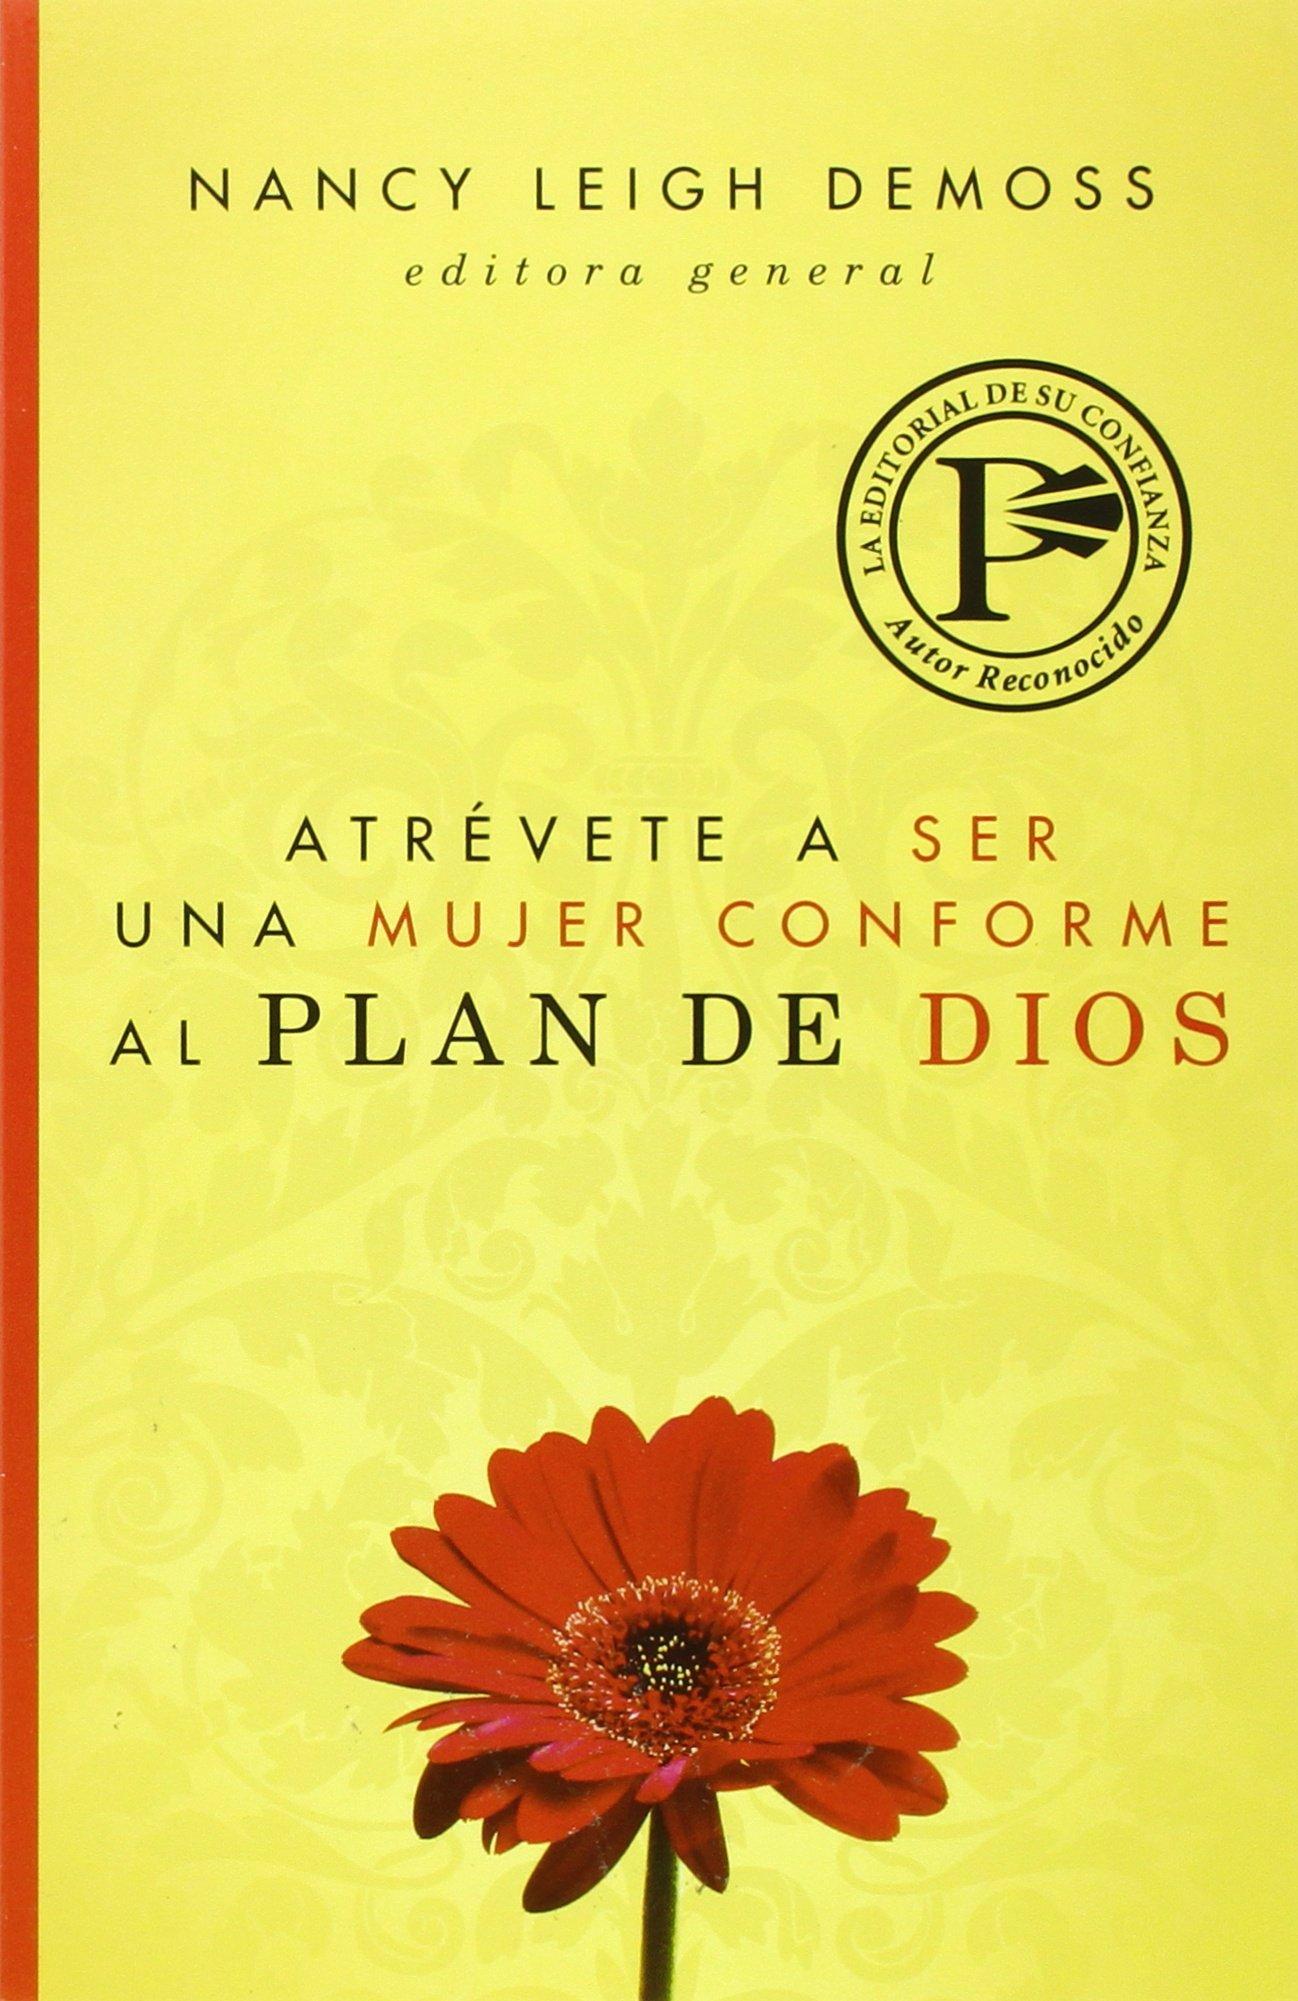 Atrévete a ser una mujer conforme al plan de Dios (Spanish Edition) PDF ePub book